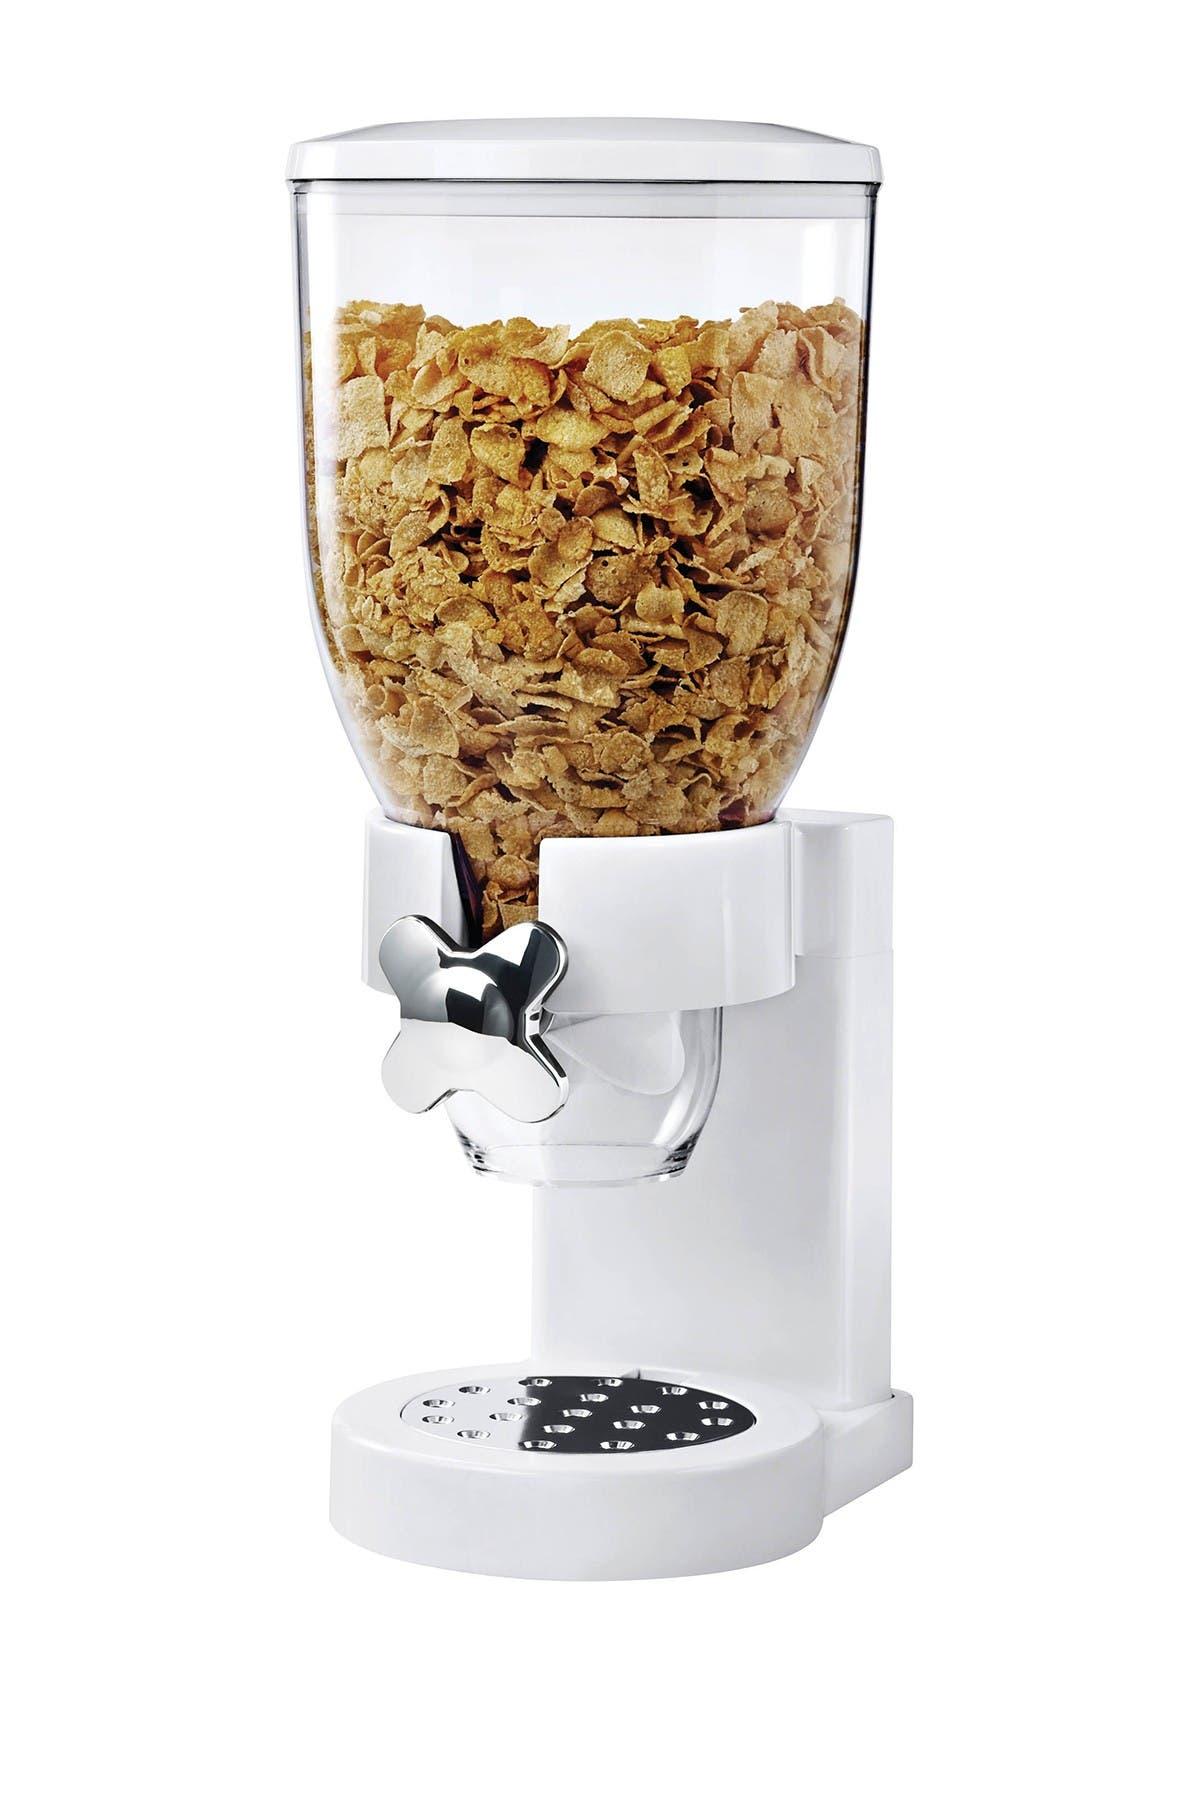 Image of Honey-Can-Do The Original Indispensable White Single Dispenser